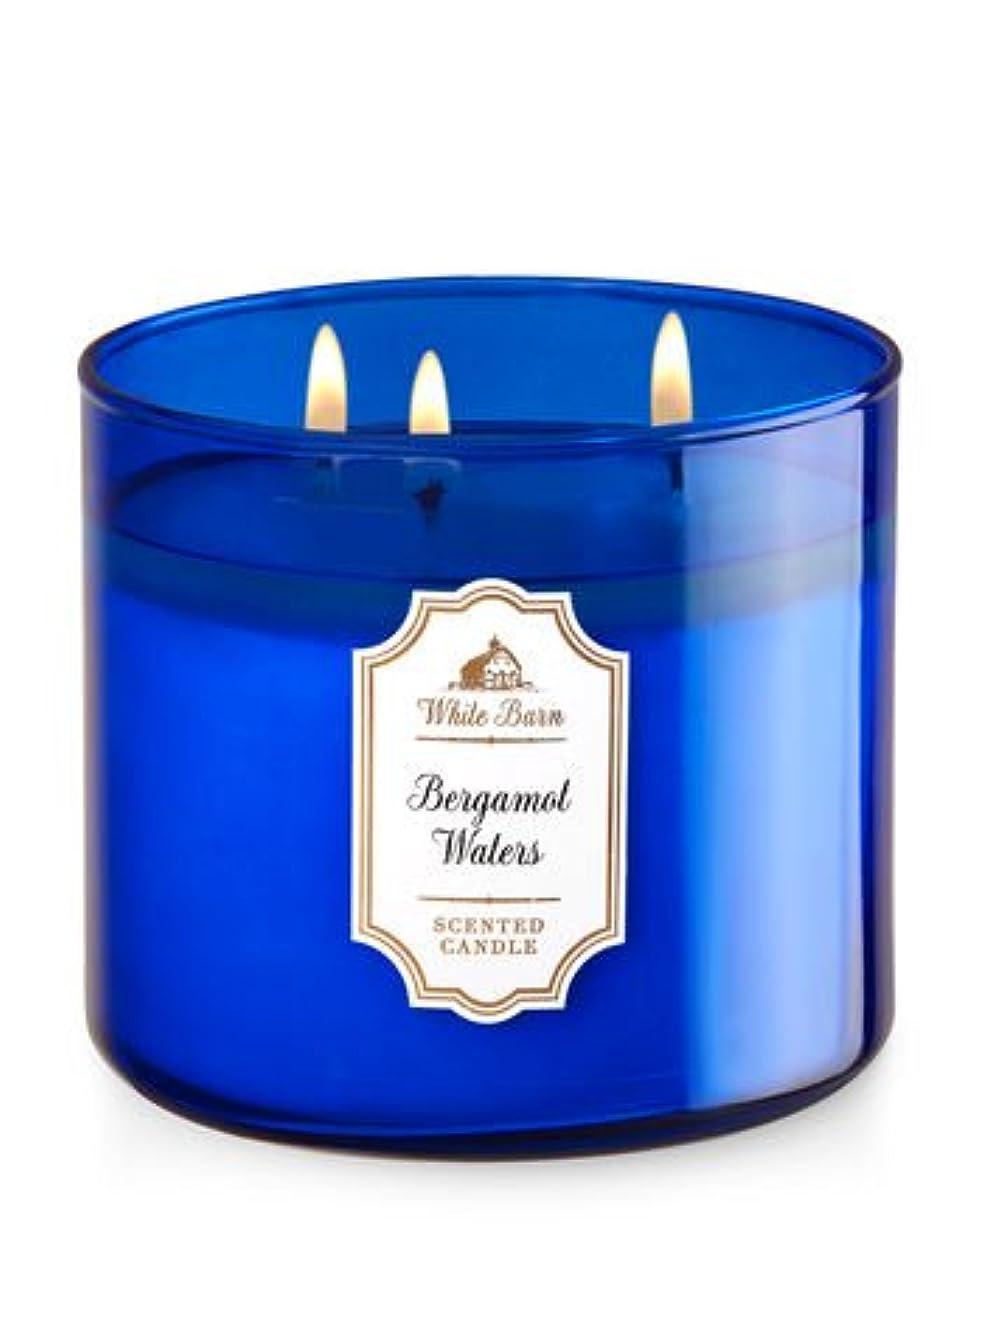 道キャメル残酷【Bath&Body Works/バス&ボディワークス】 アロマキャンドル ベルガモットウォーター 3-Wick Scented Candle Bergamot Waters 14.5oz/411g [並行輸入品]